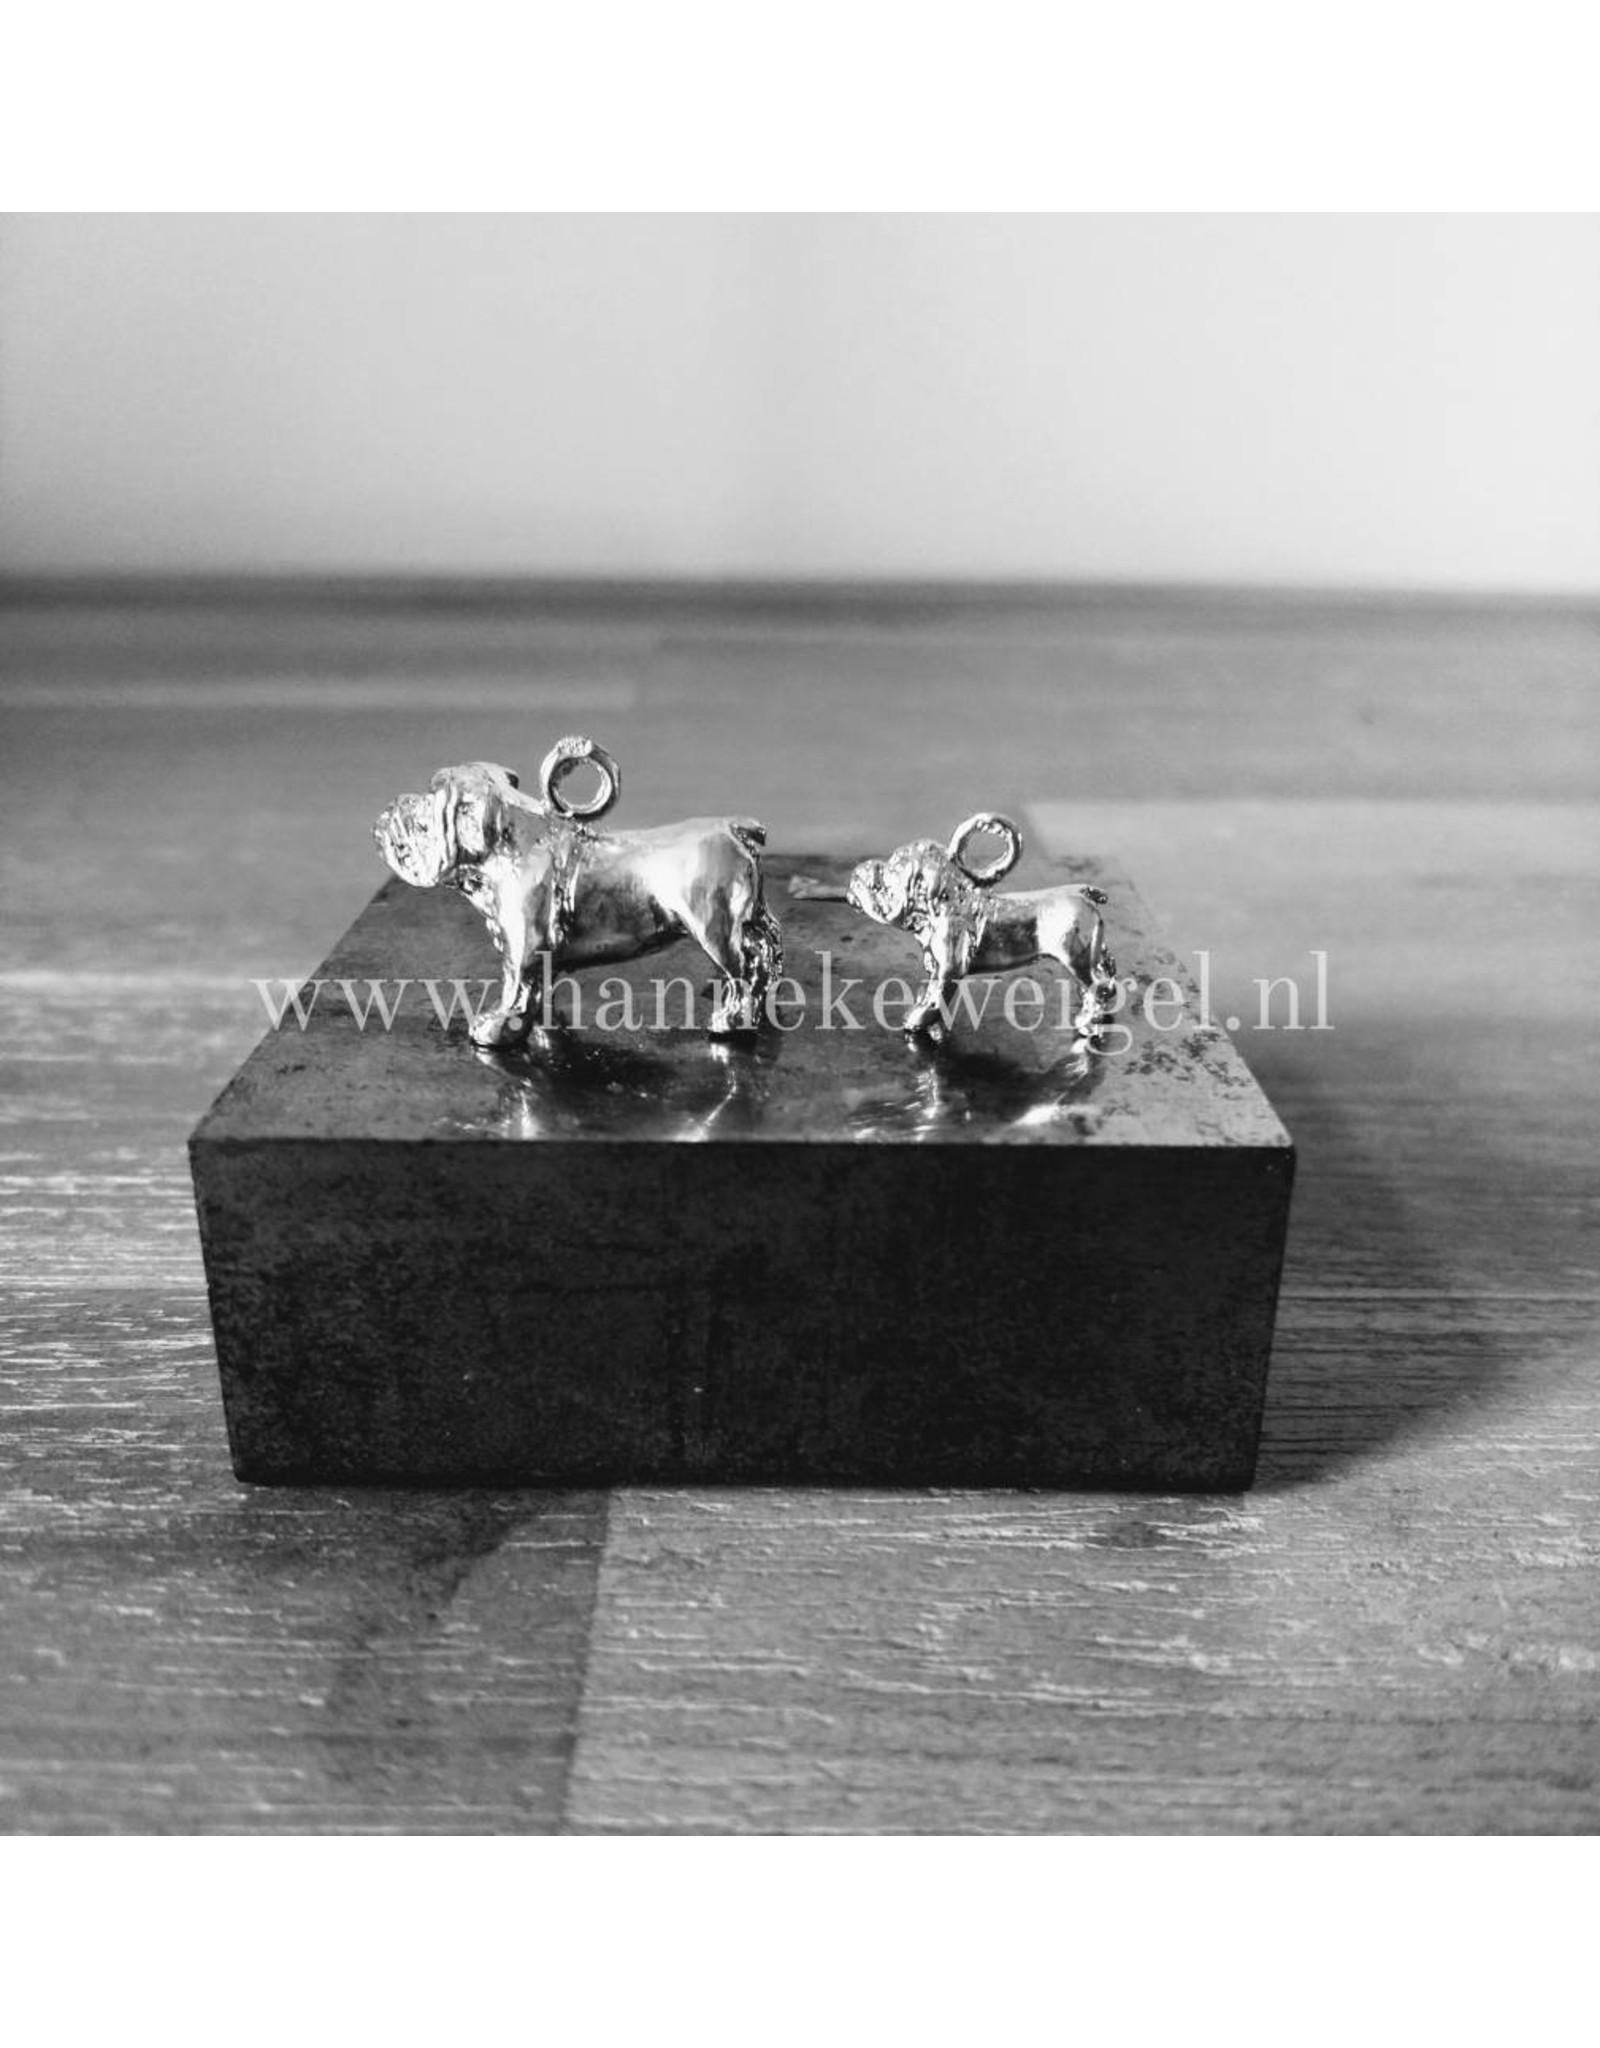 Handmade by Hanneke Weigel Zilveren Engelse bulldog